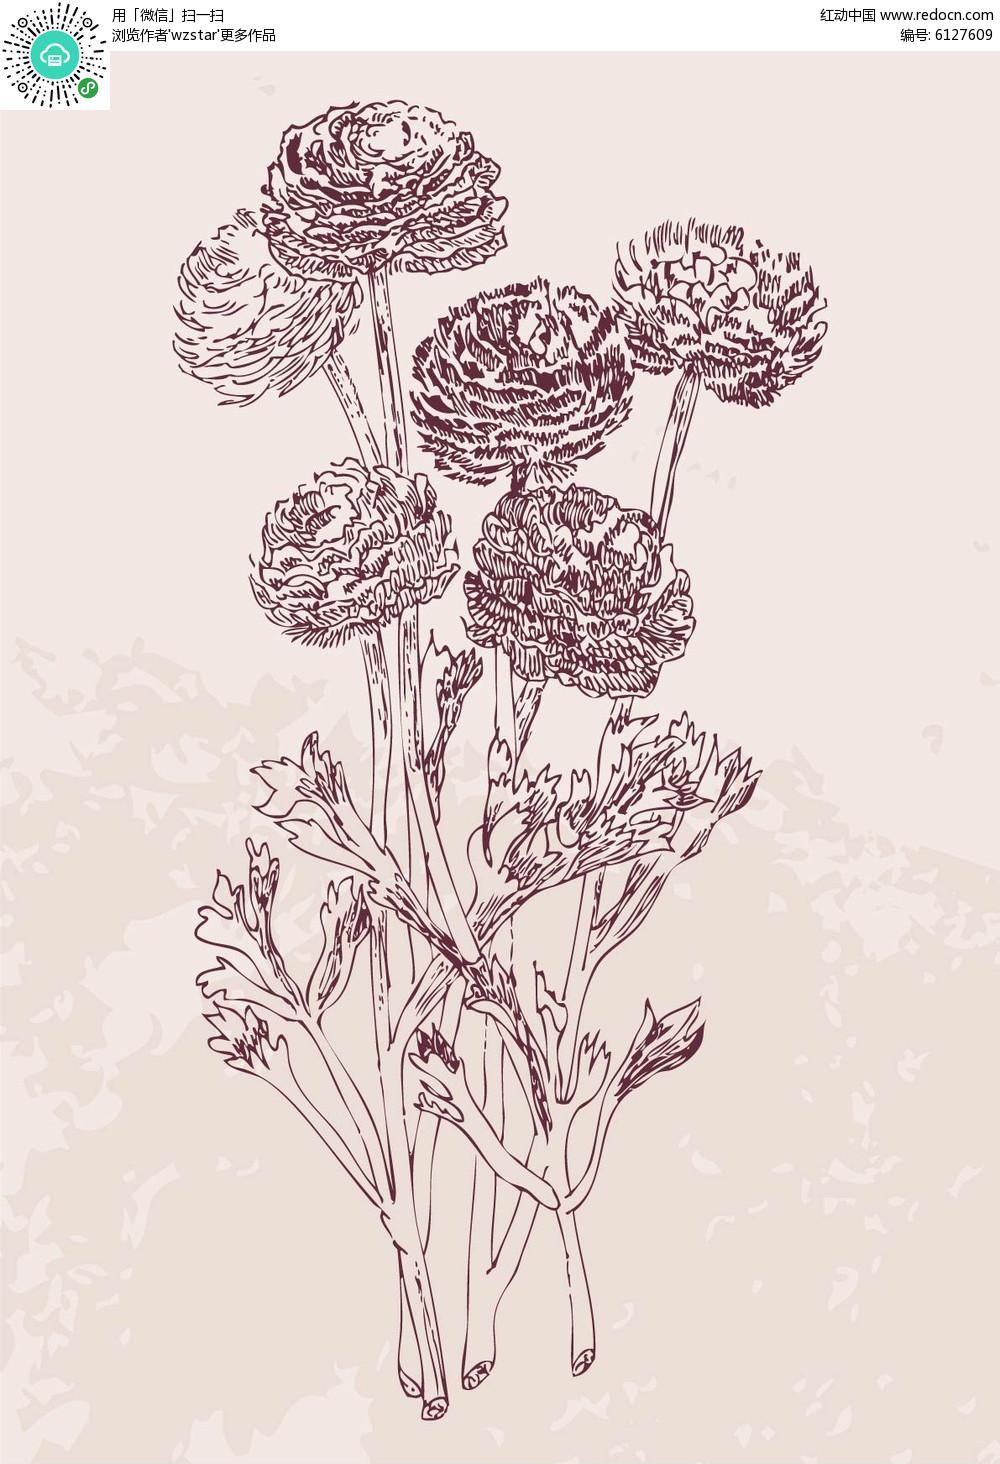 手绘线描花朵素材矢量